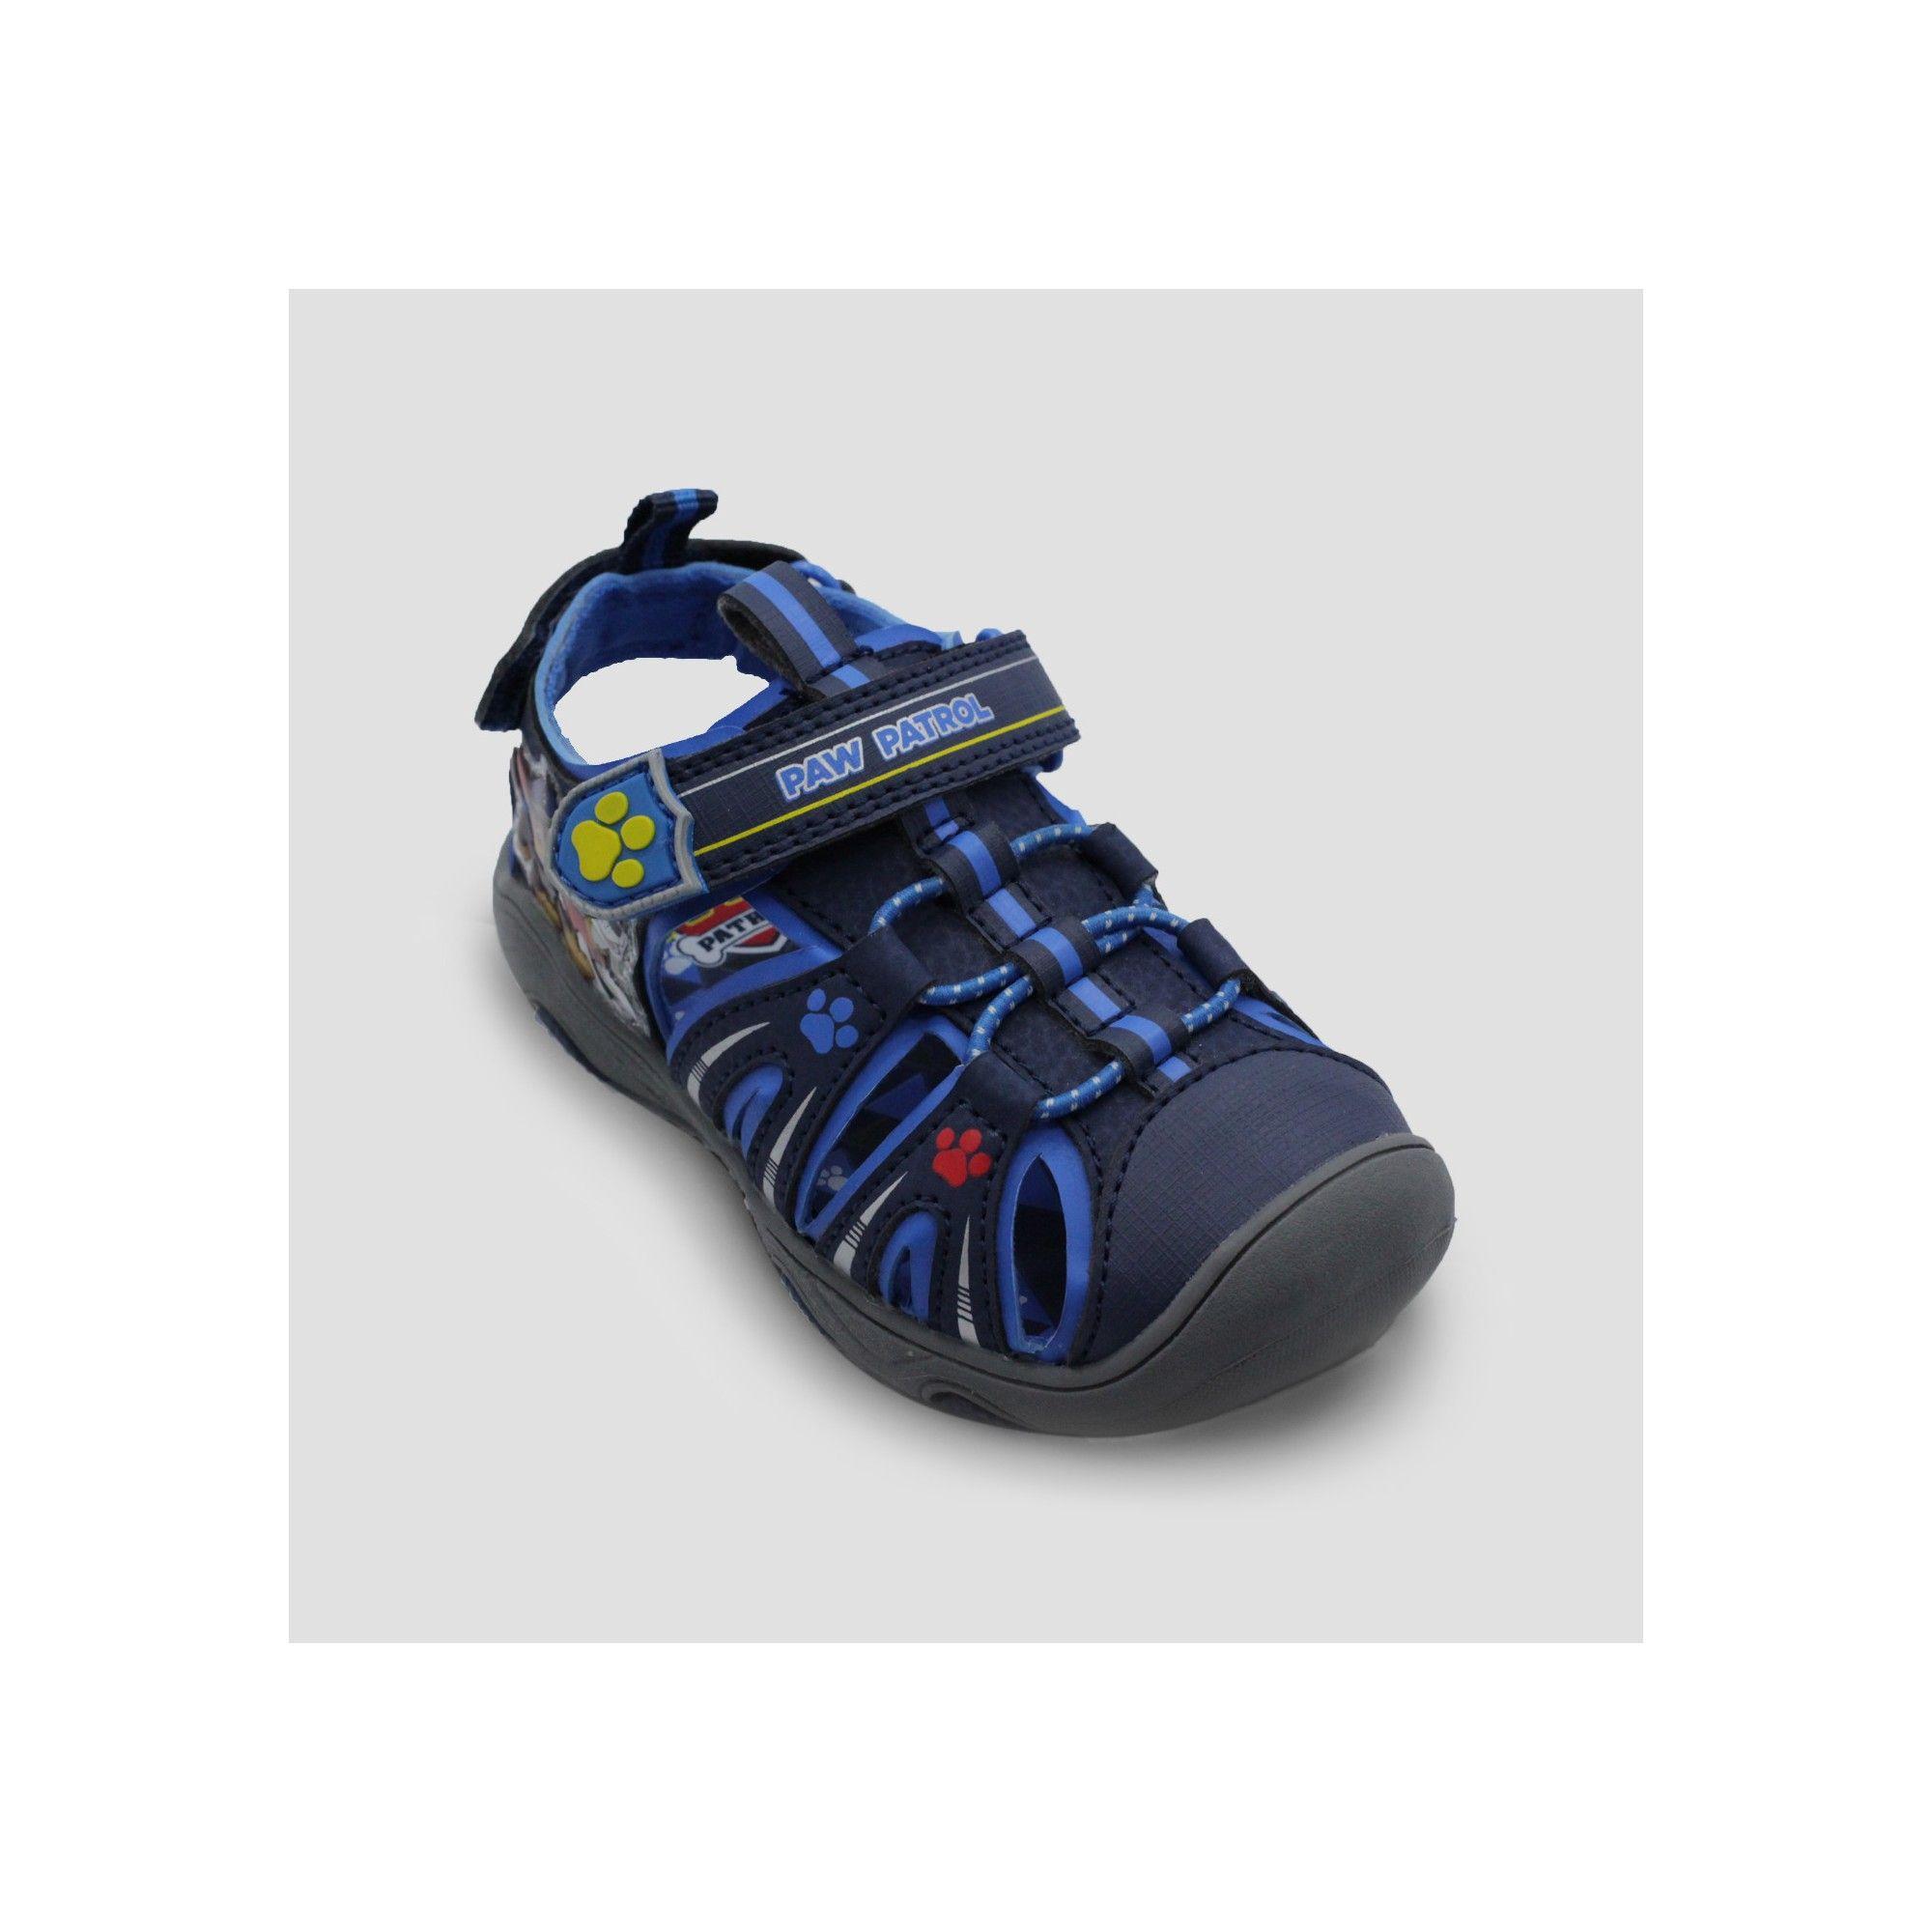 Toddler Boys' PAW Patrol Hiking Sandals